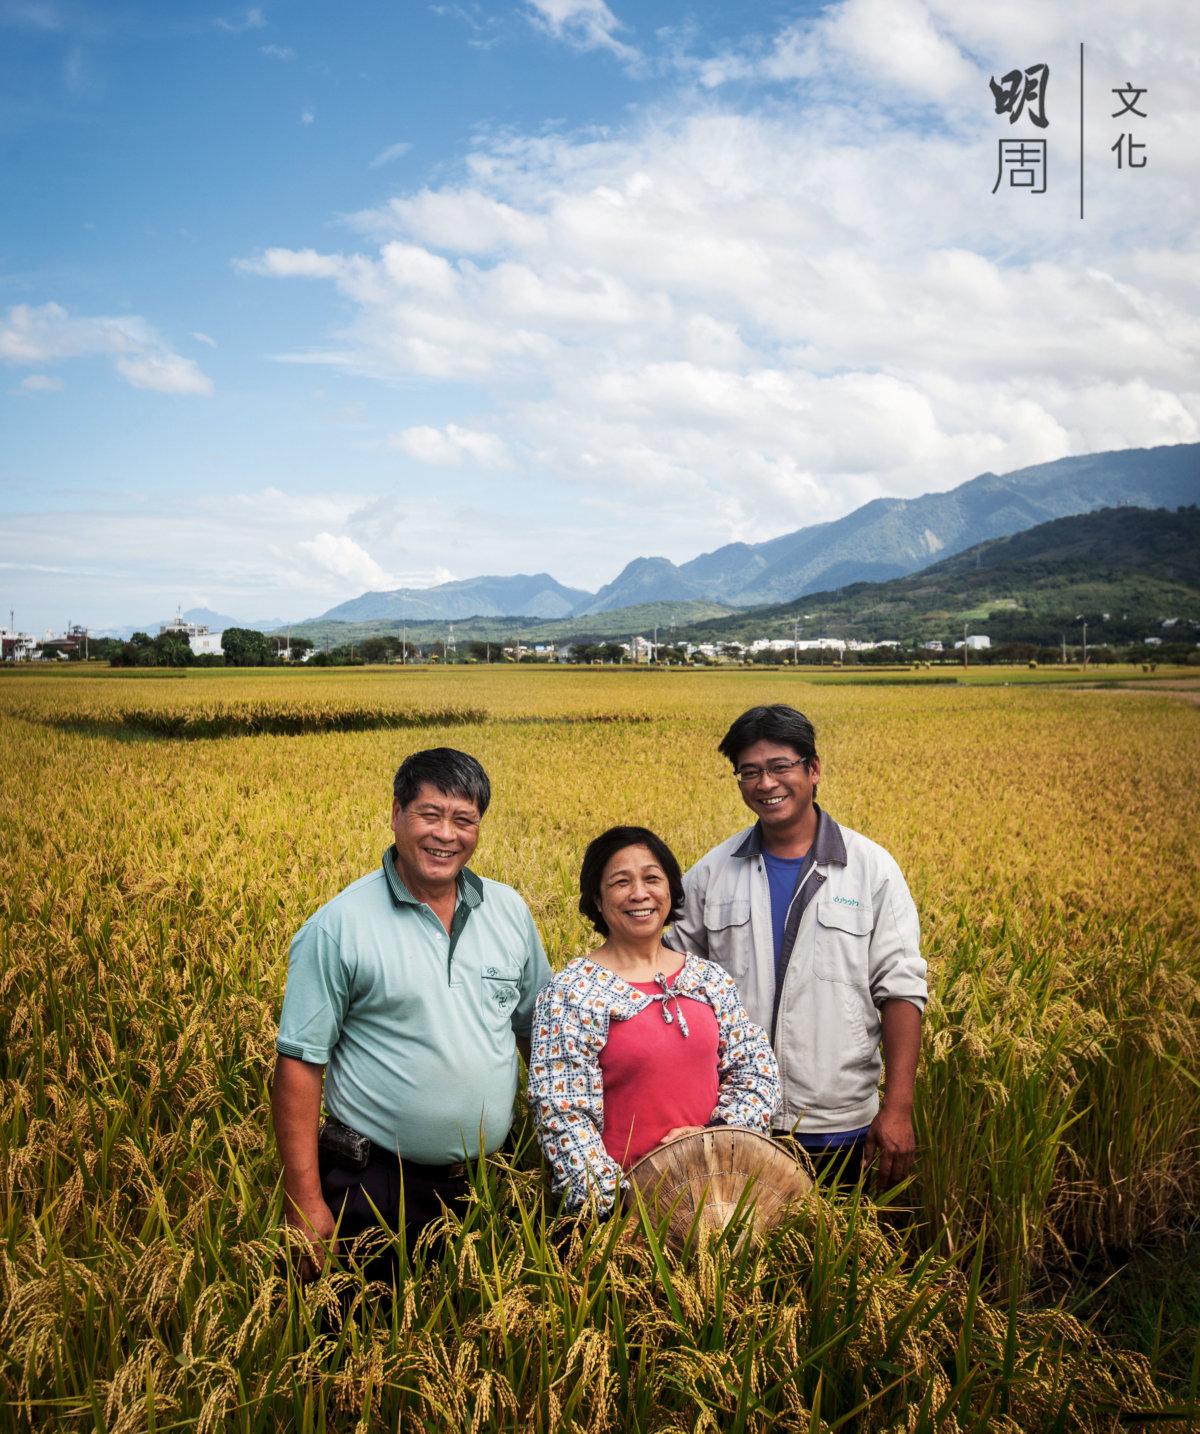 2012十大經典好米得主、台東池上鄉農夫吳宗昌一家。